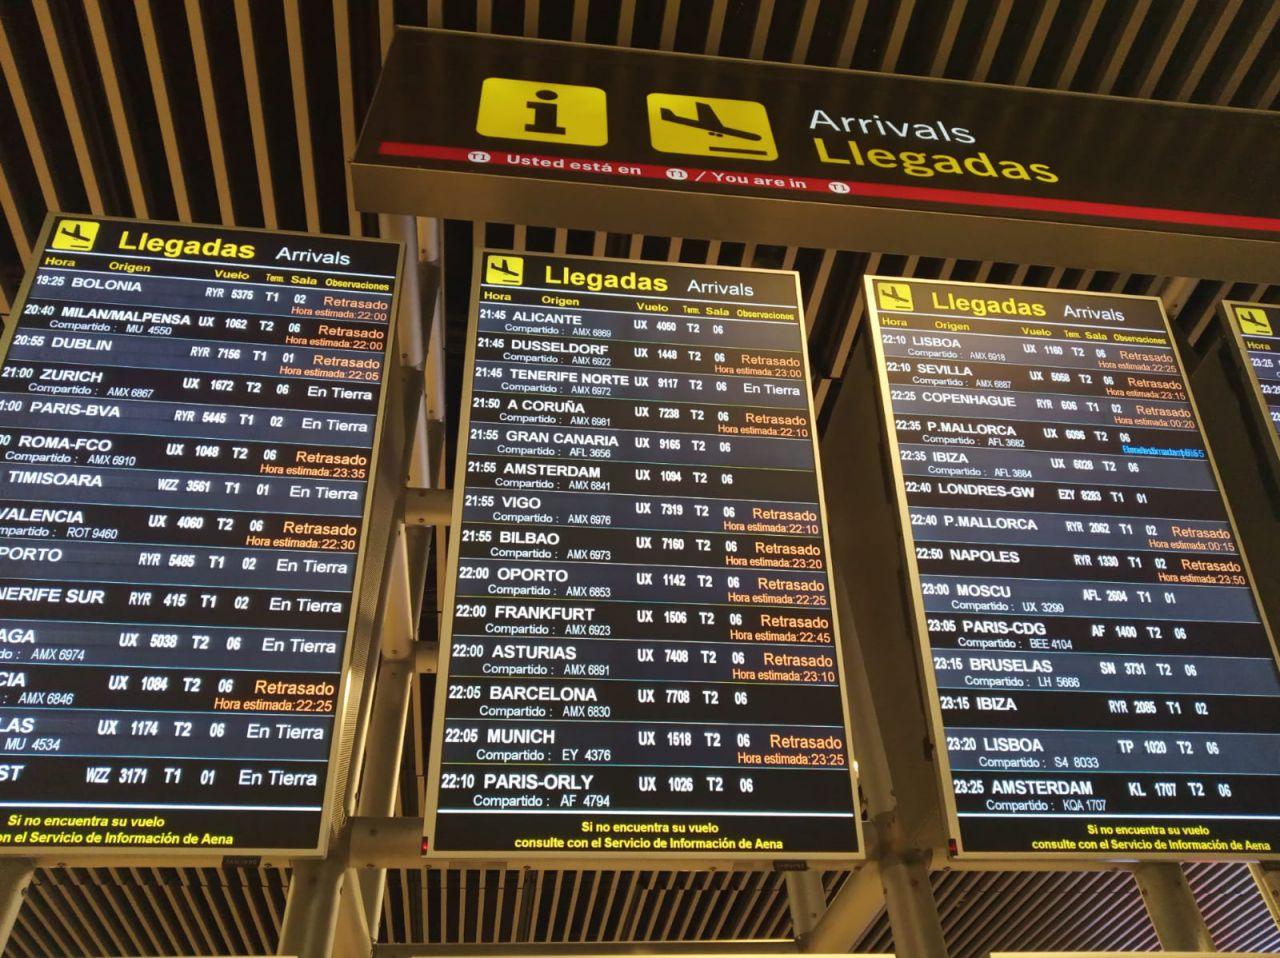 El incidente del avión ha provocado retraso en los vuelos.